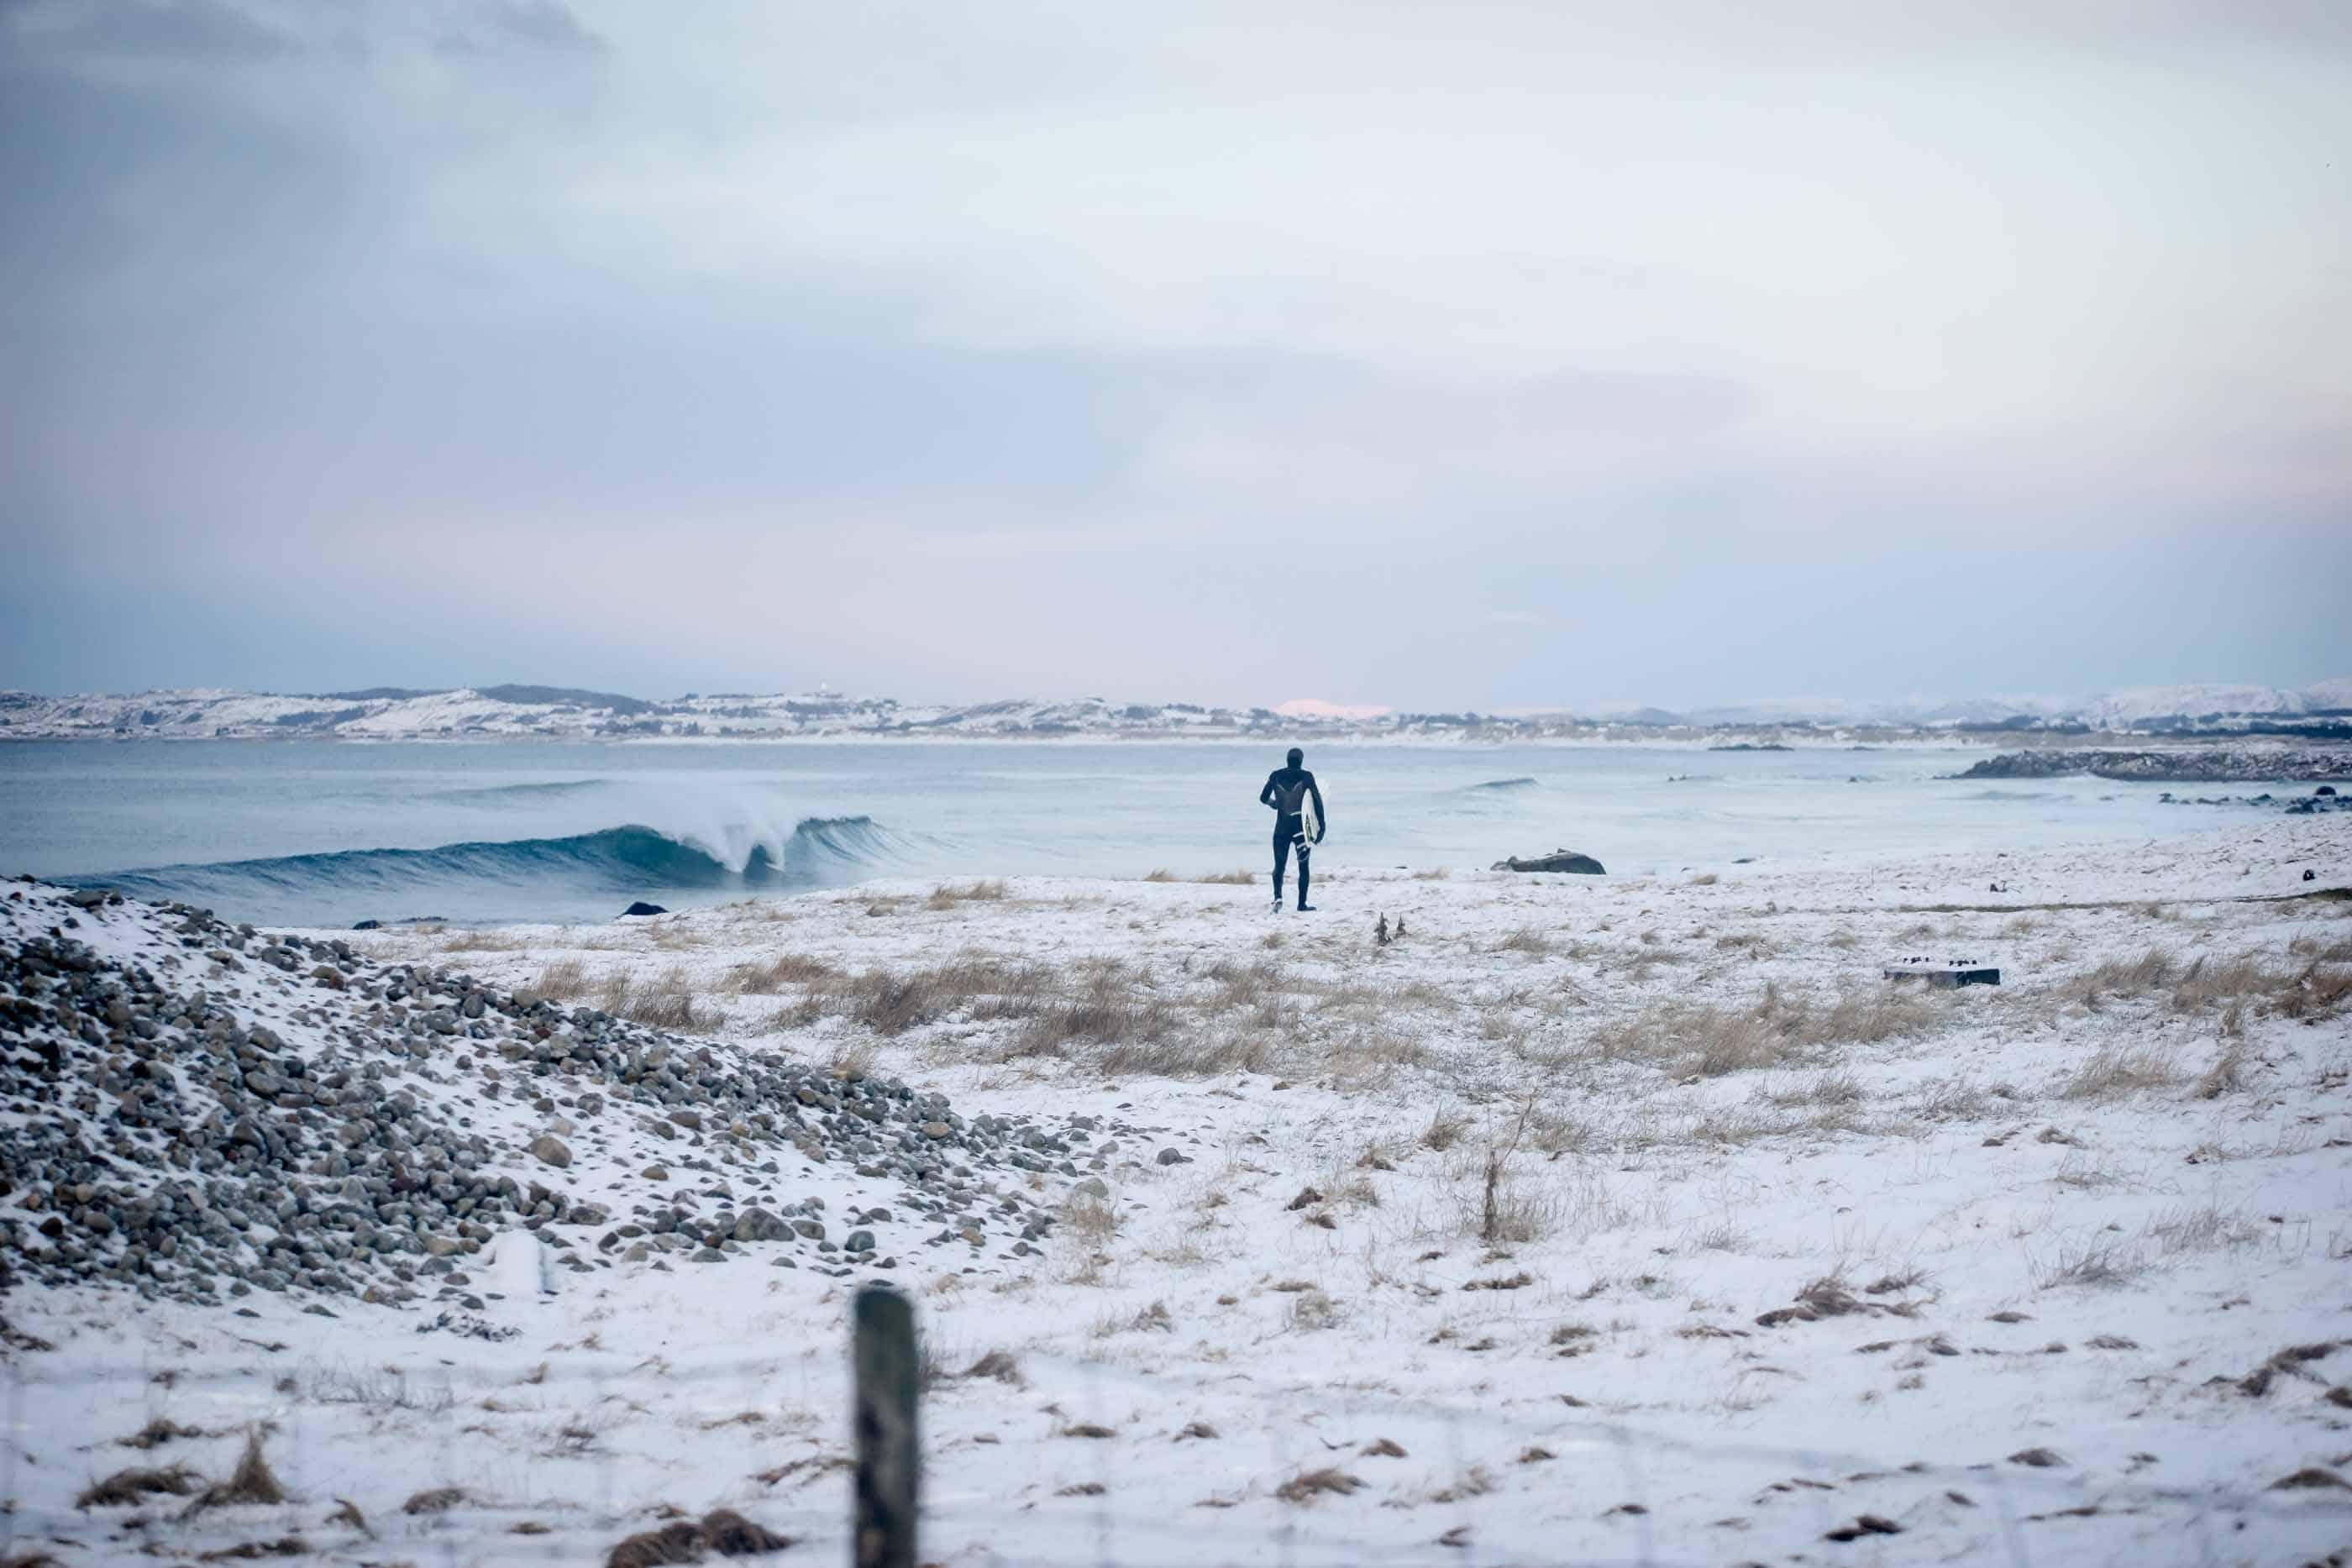 Marius Sunde - #3 10.12.2017. Det kokte på Jæren i dag. Med et nydelig tynt hvitt dekke, lav sol, og en og annen snøbyge, var det absolutt som juleaften å regne for en fotograg.